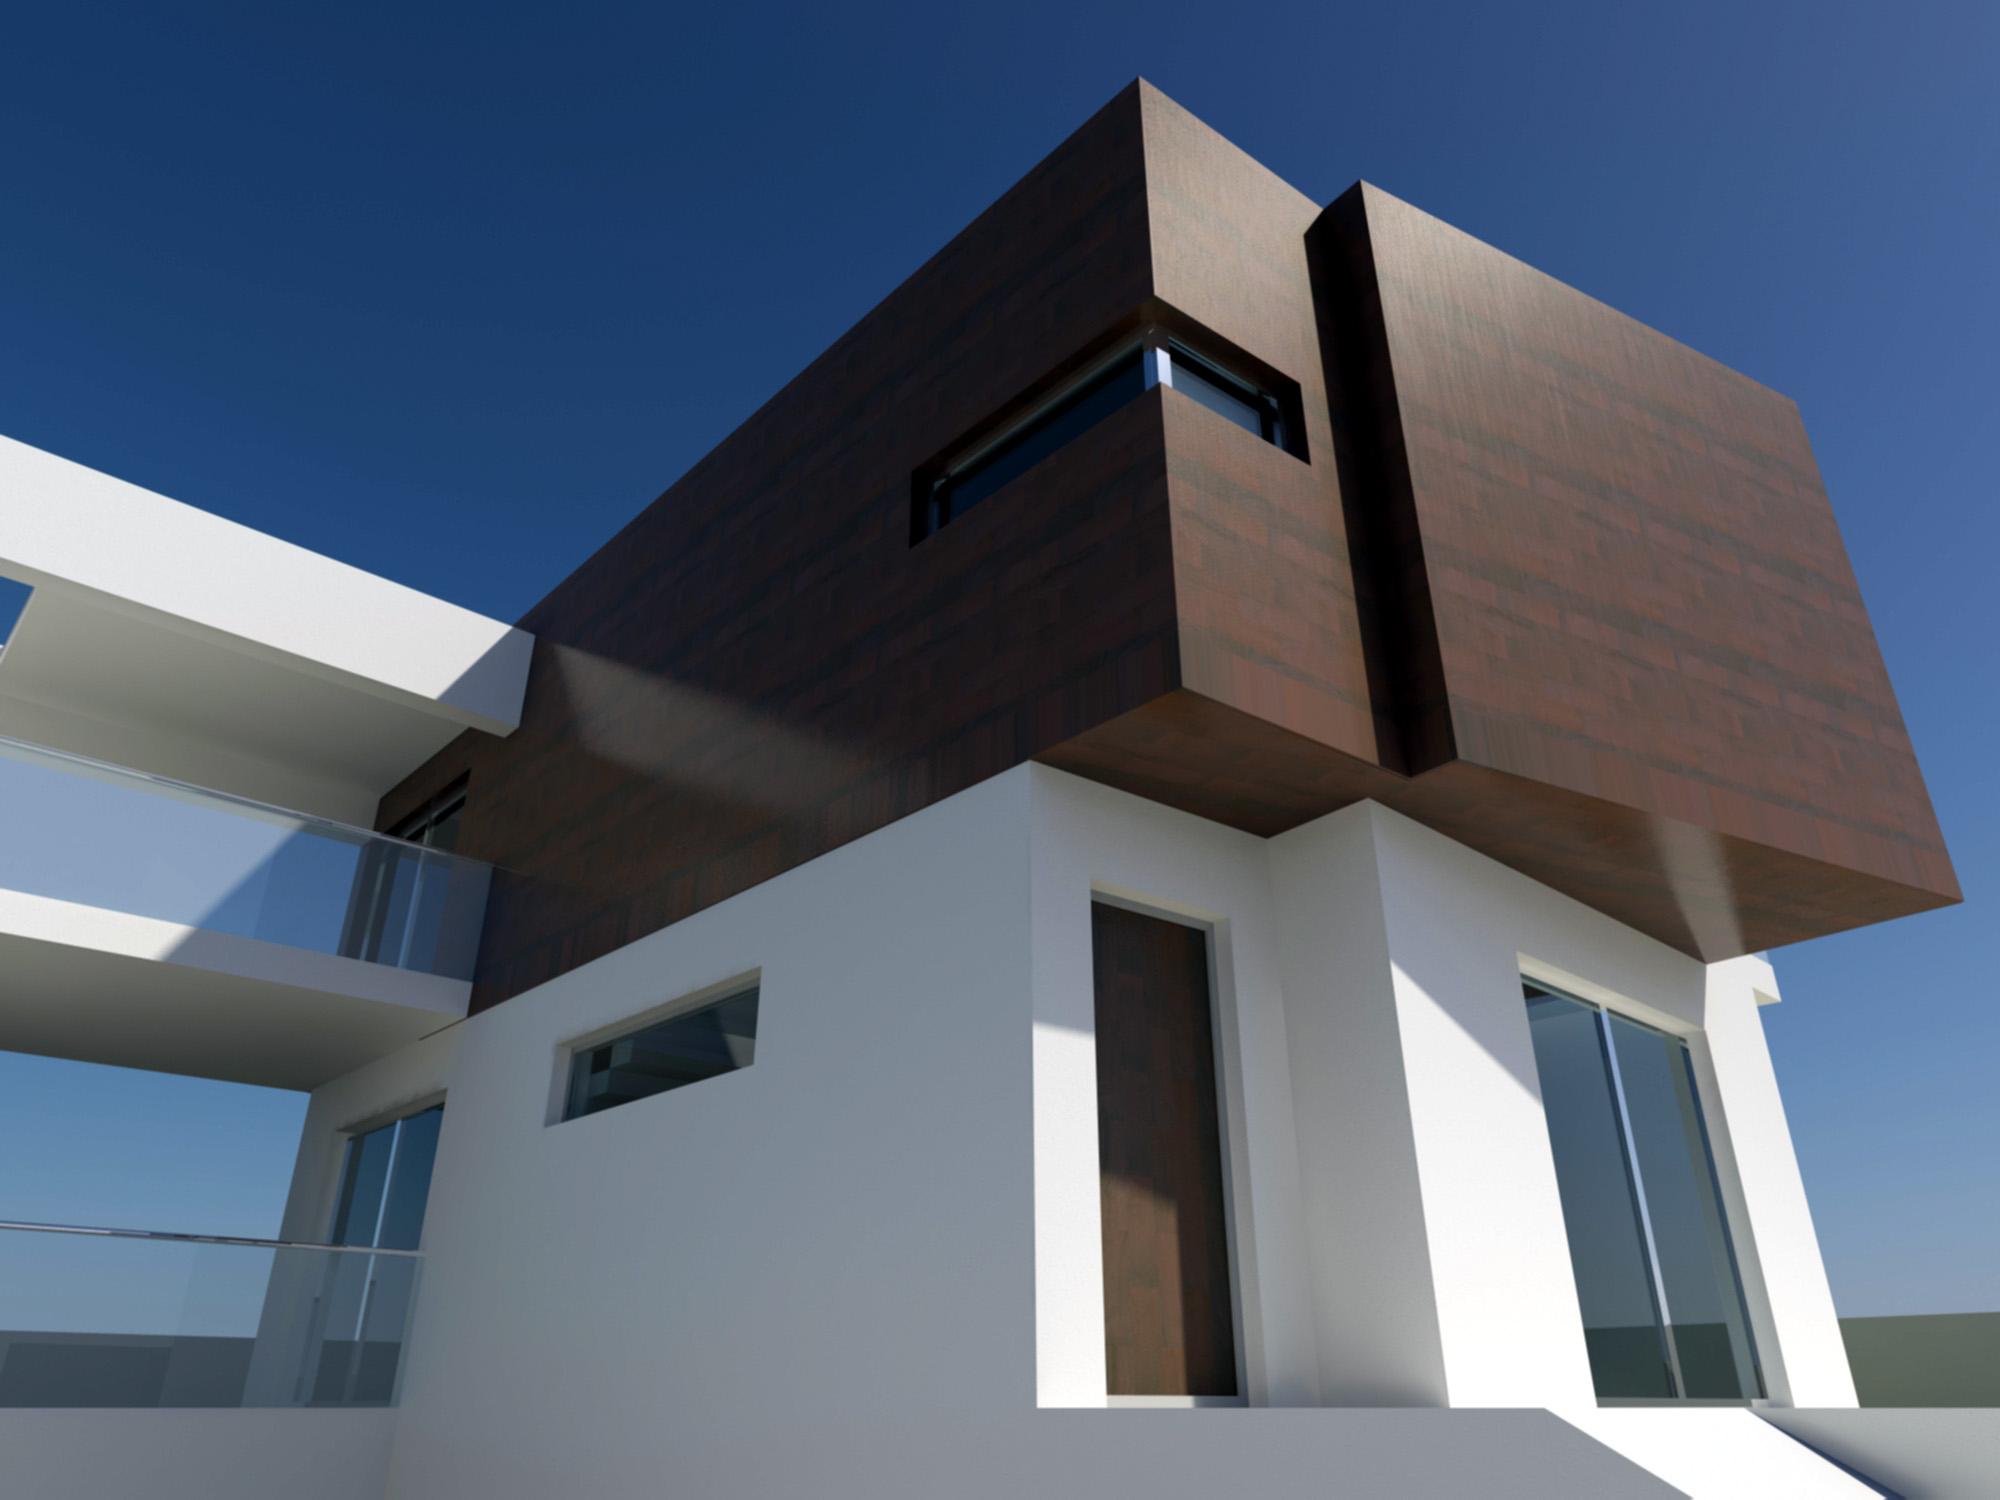 Casa AV 5